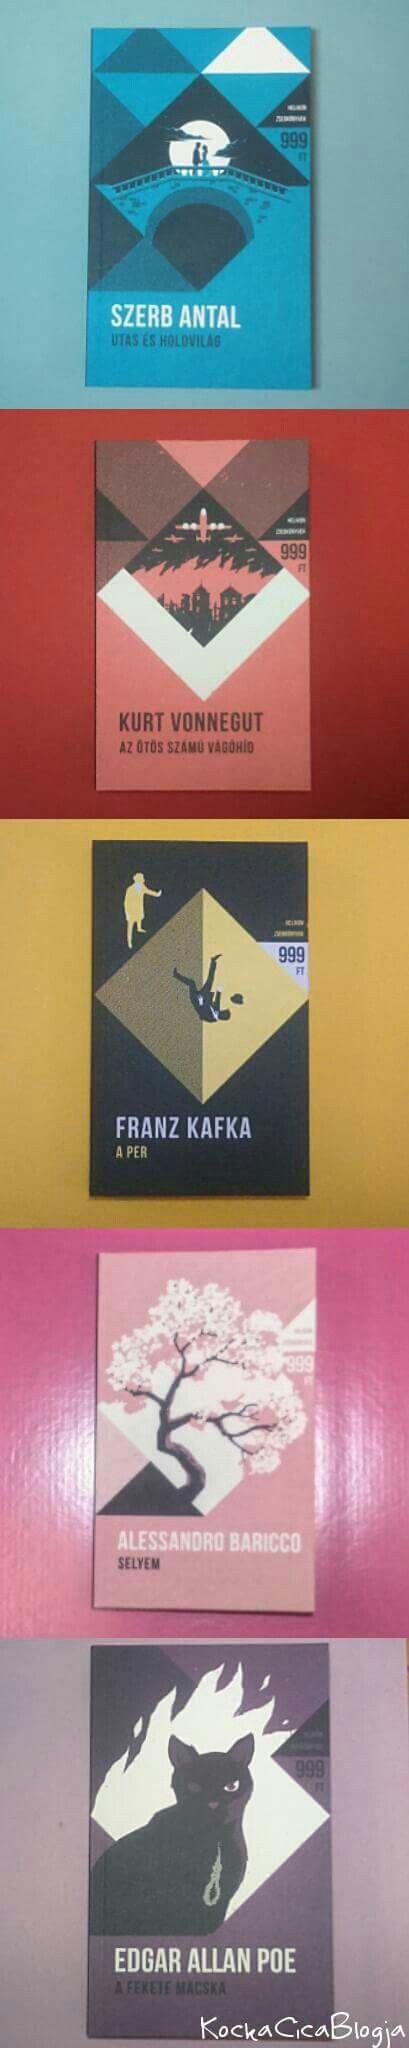 24. Budapesti Nemzetközi Könyvfesztivál